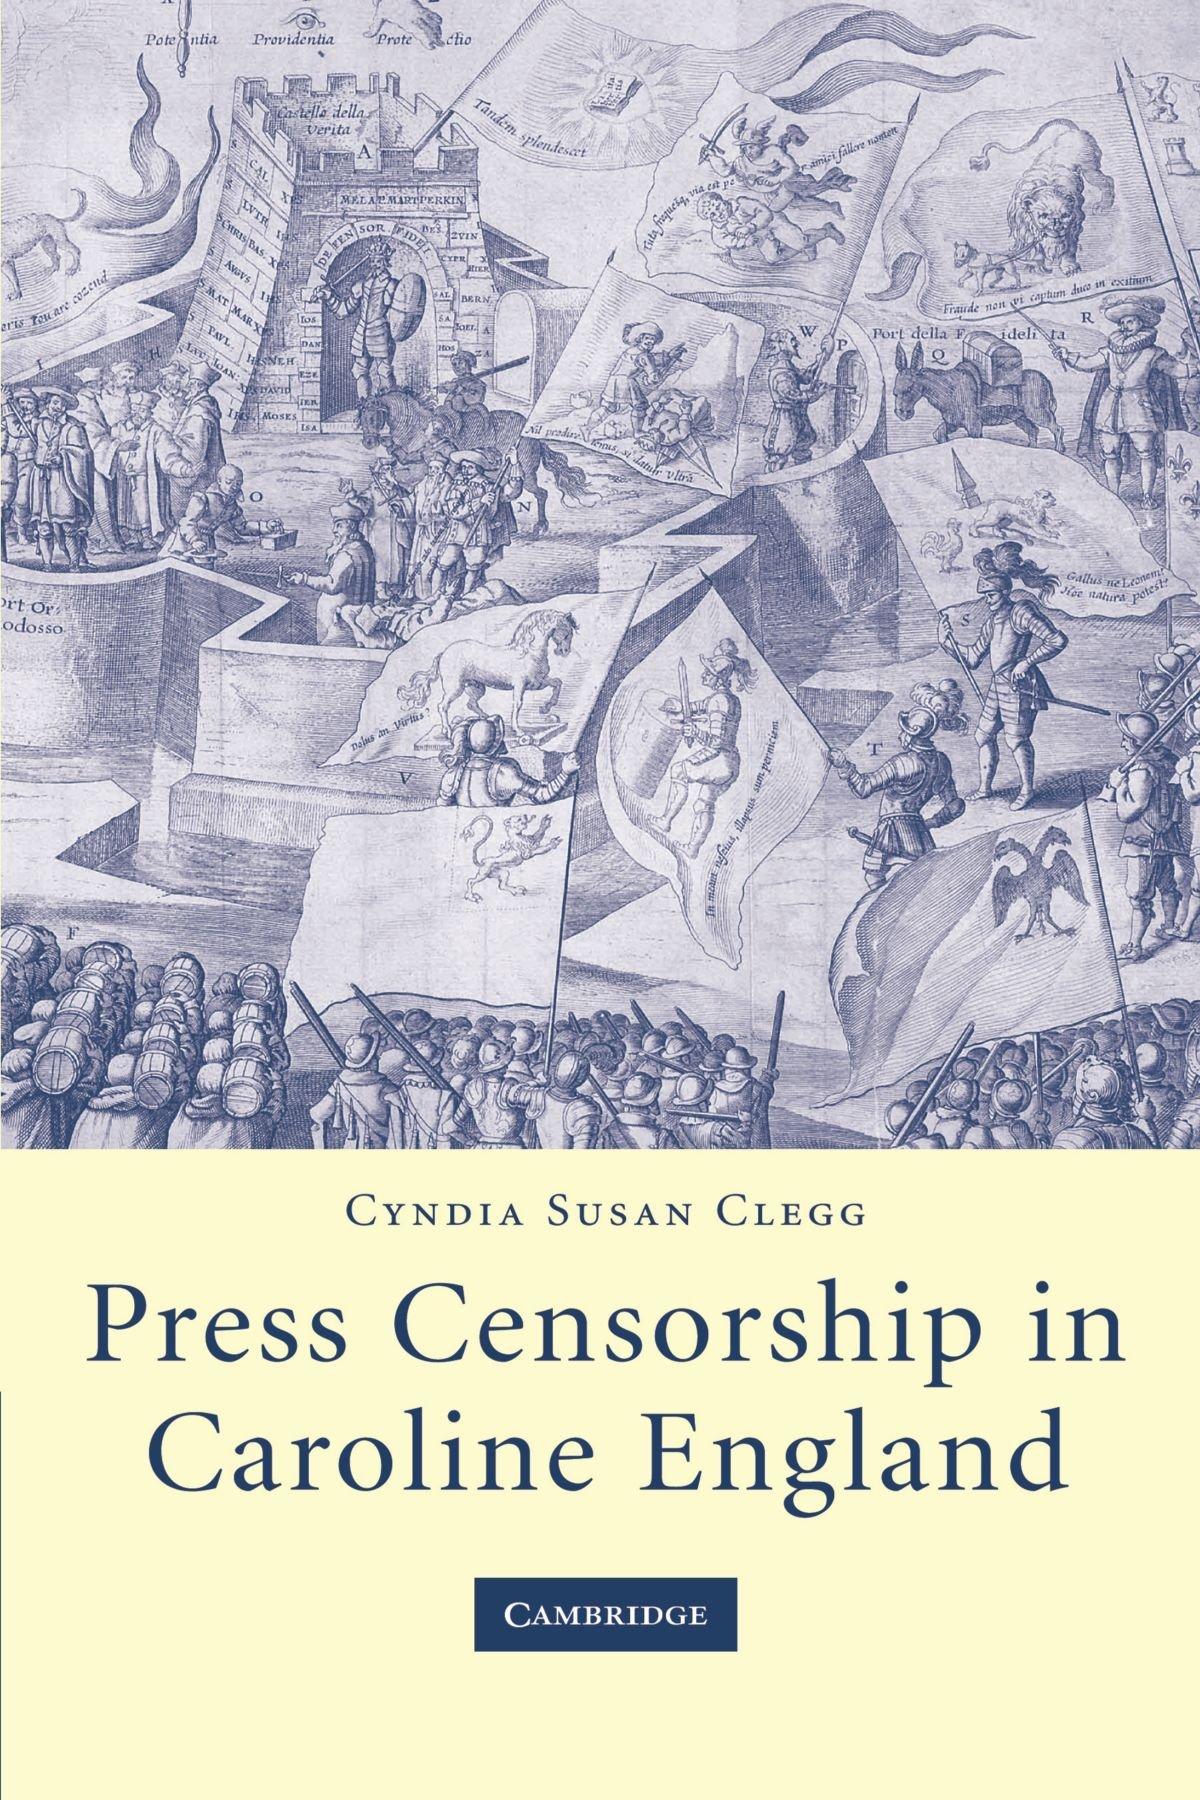 Press Censorship in Caroline England